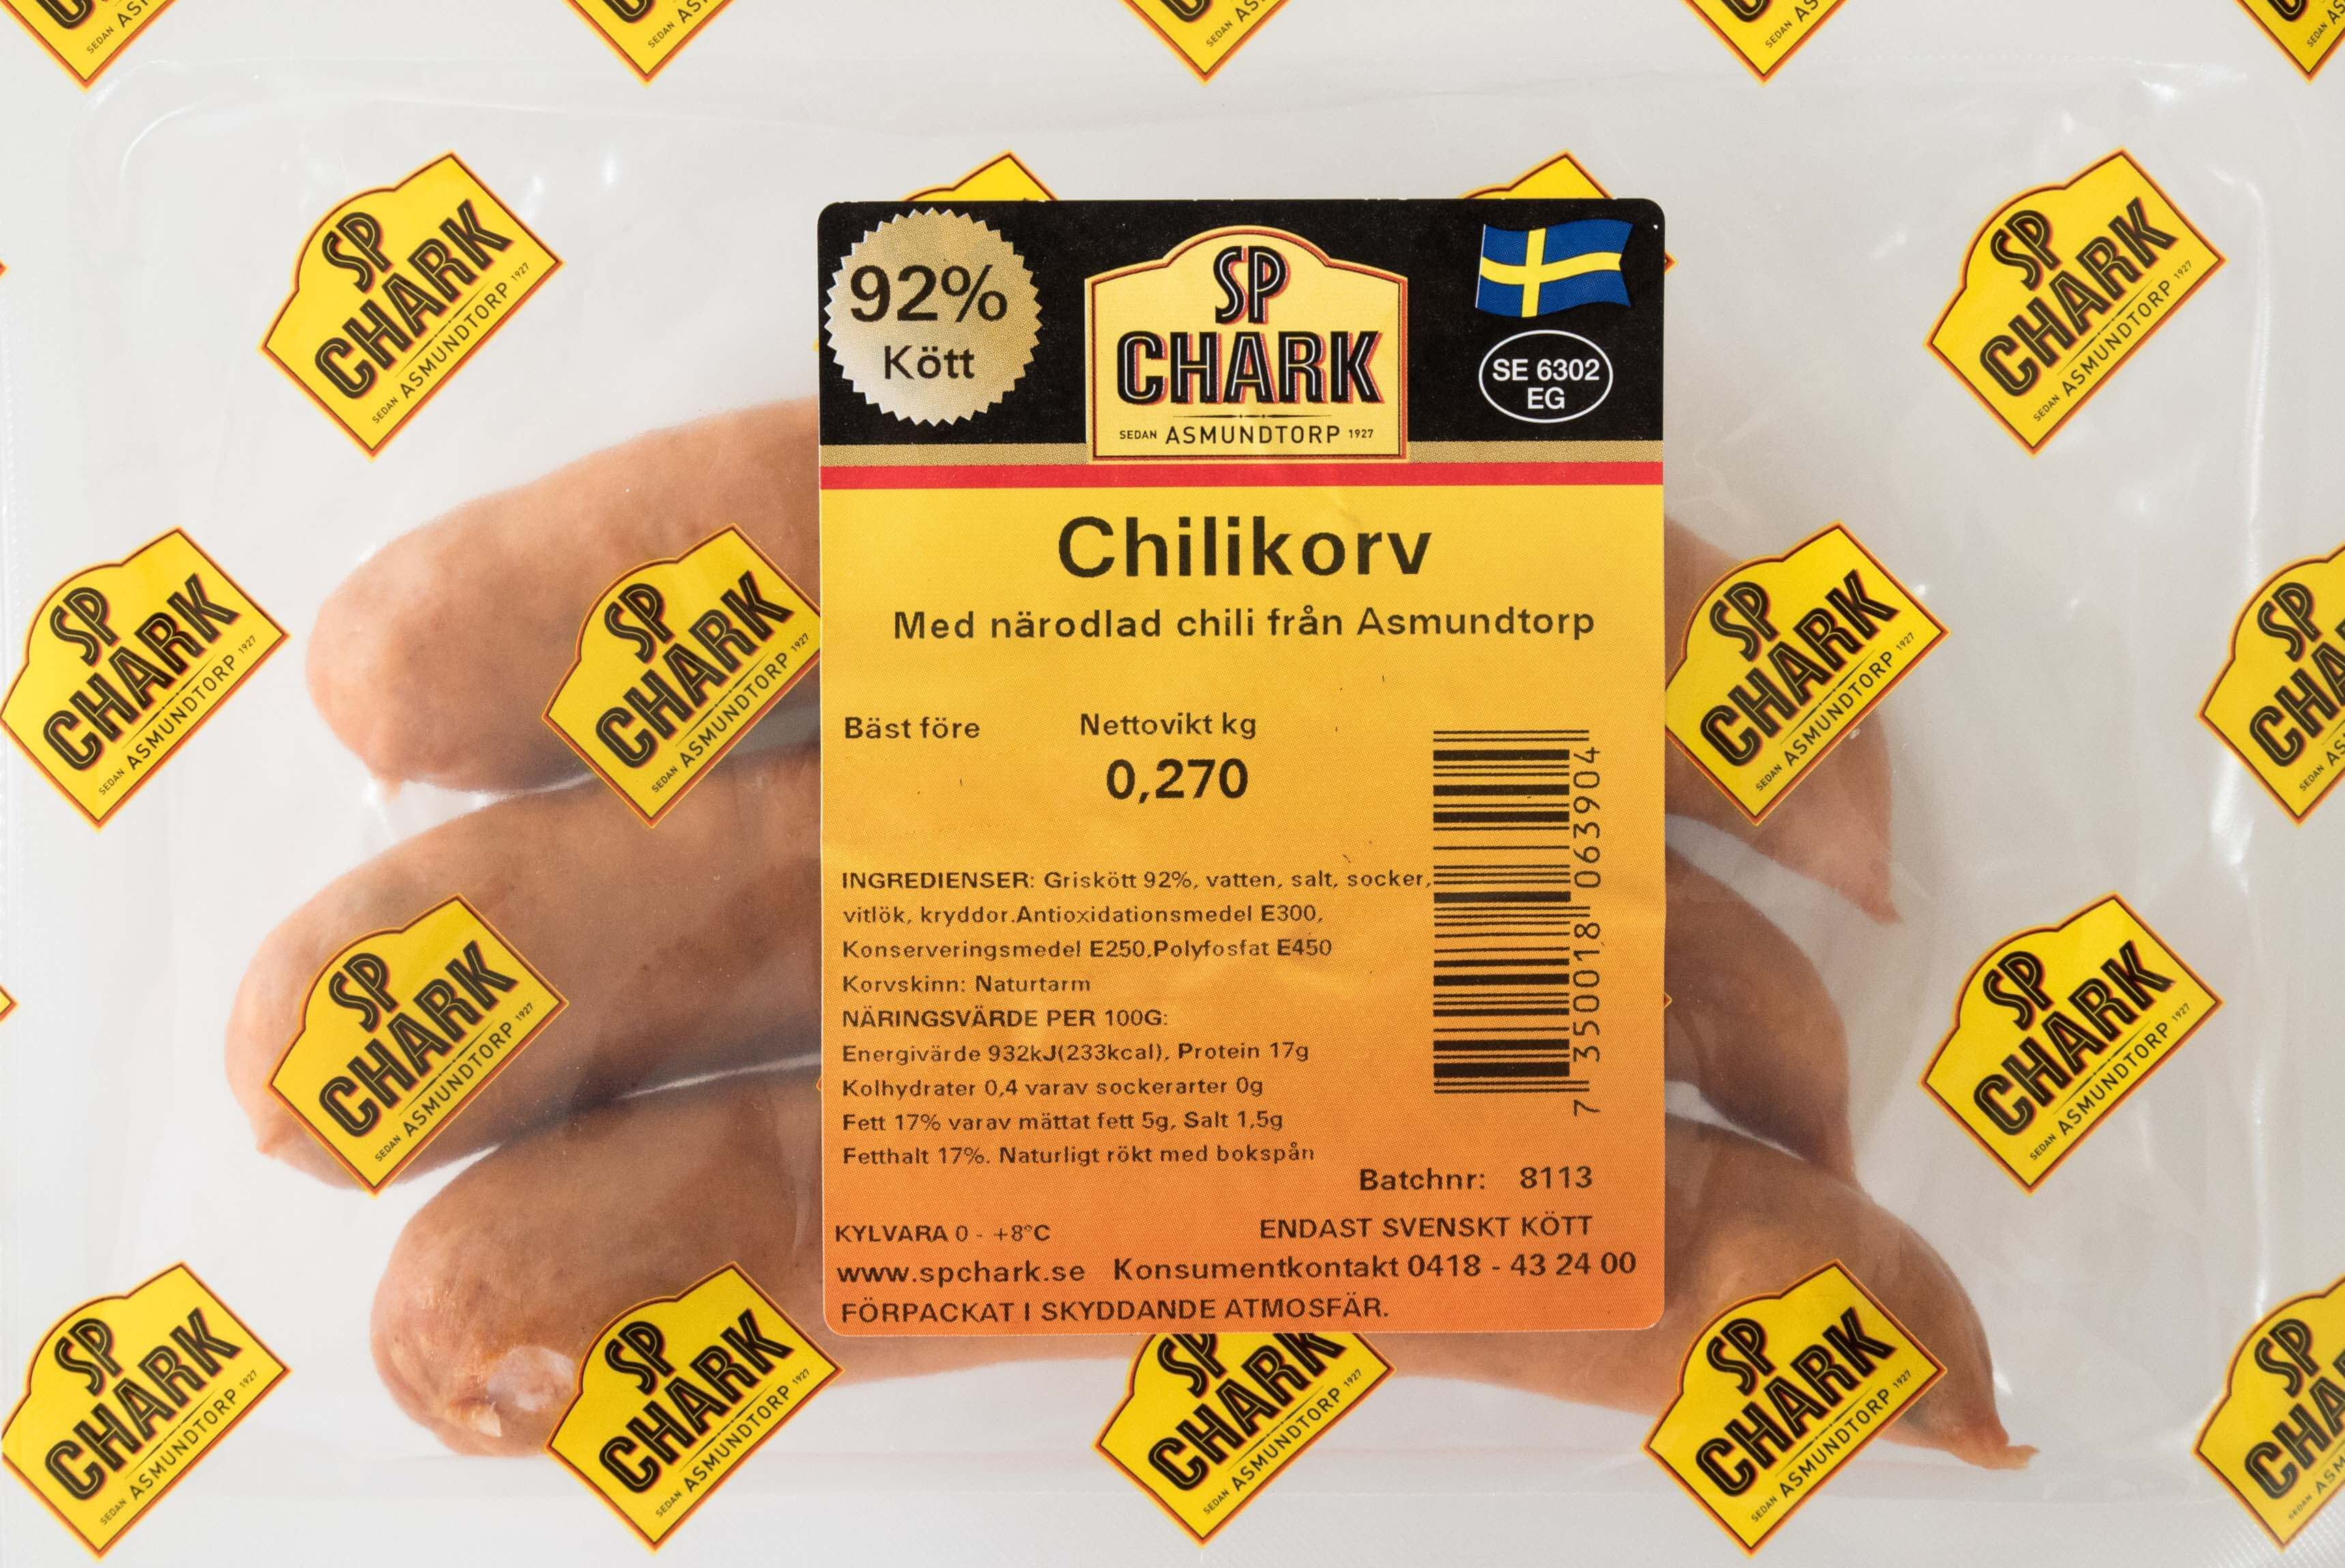 Chilikorv